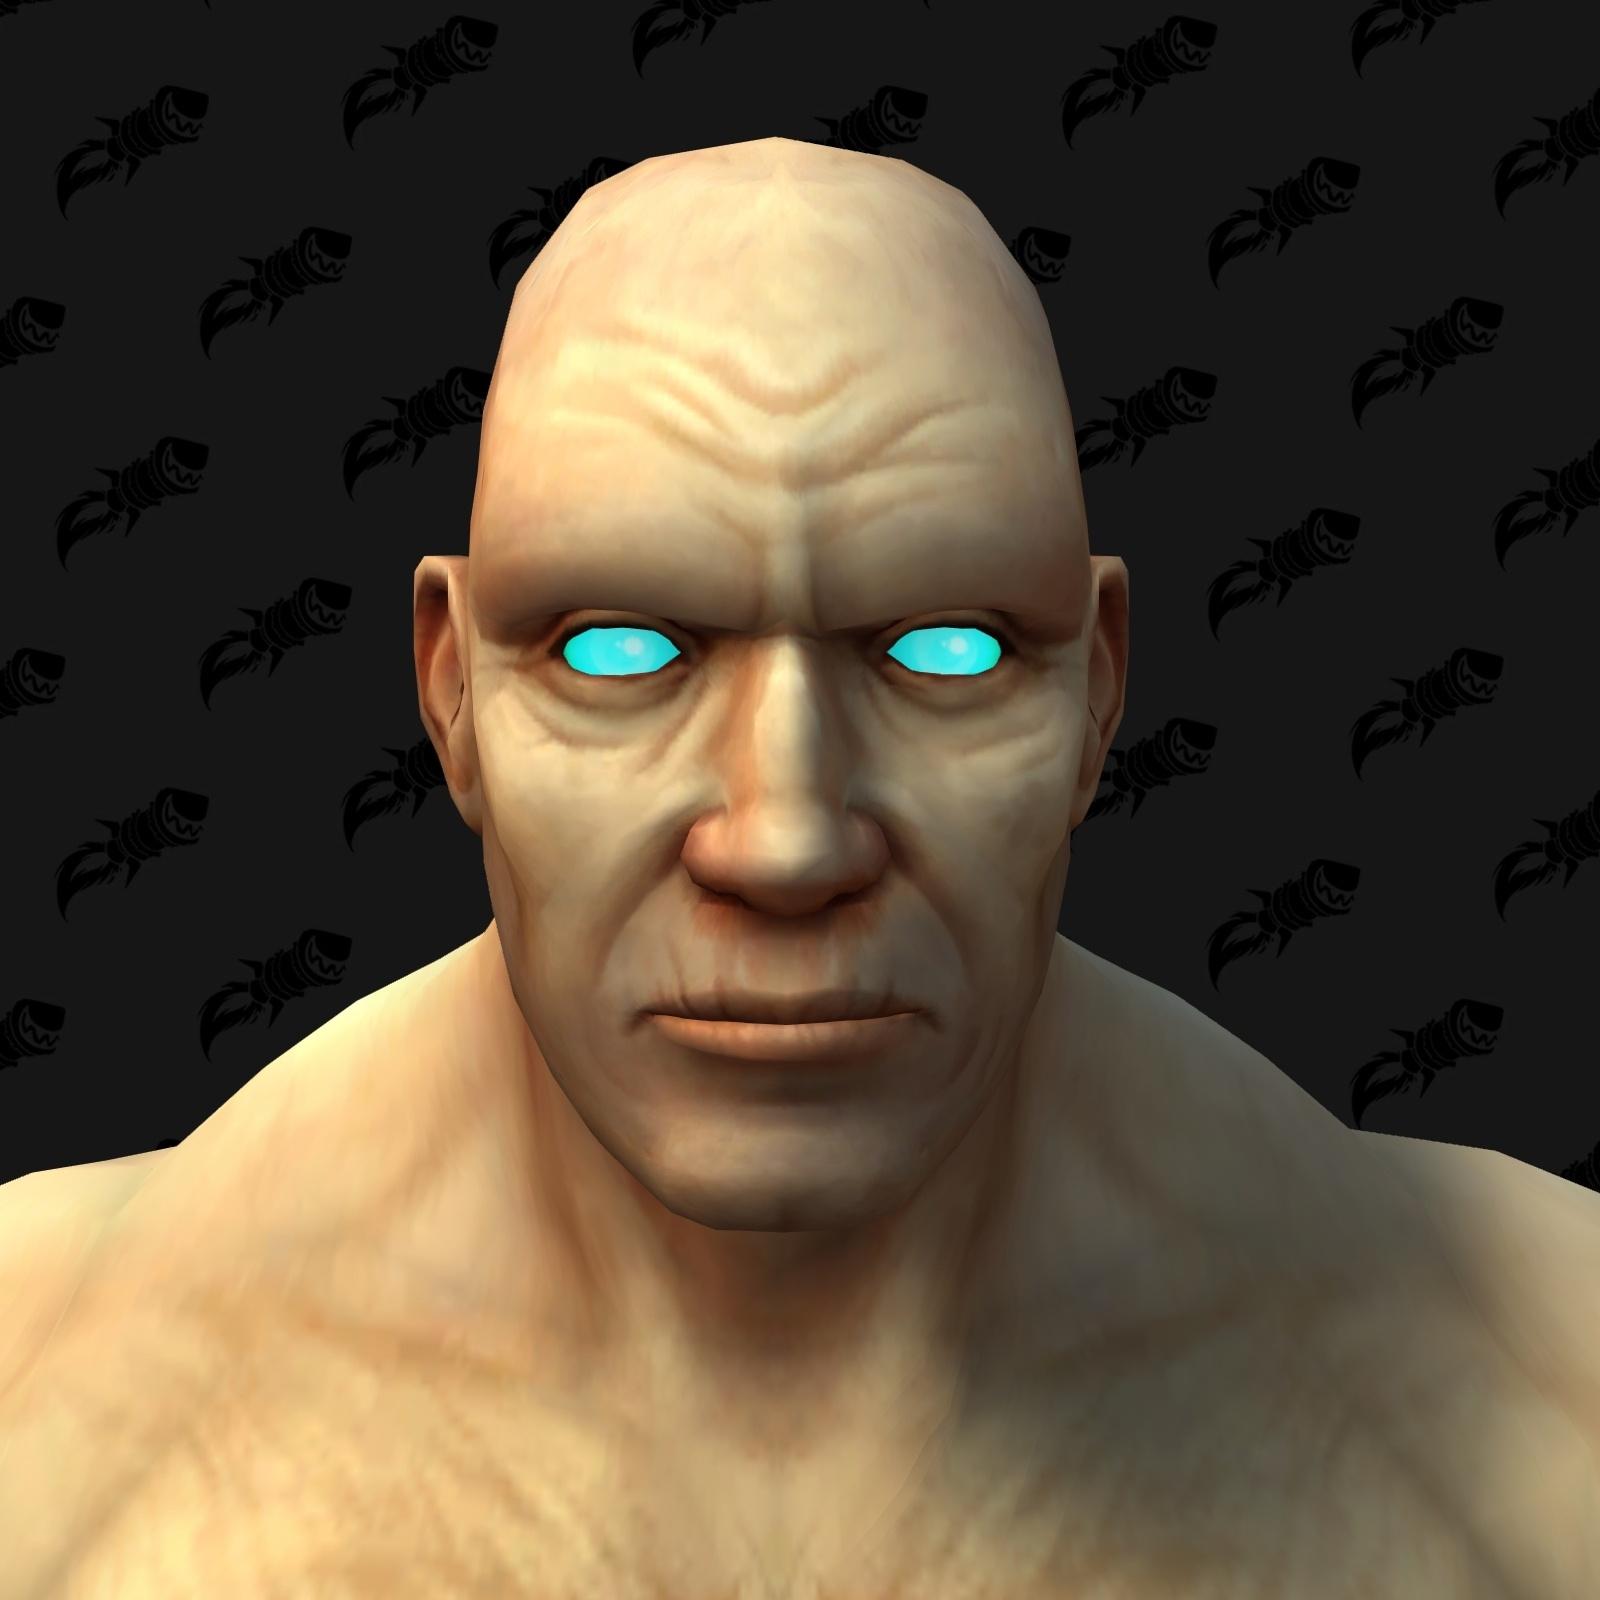 Nouveau coloris des yeux dataminés (n°2)